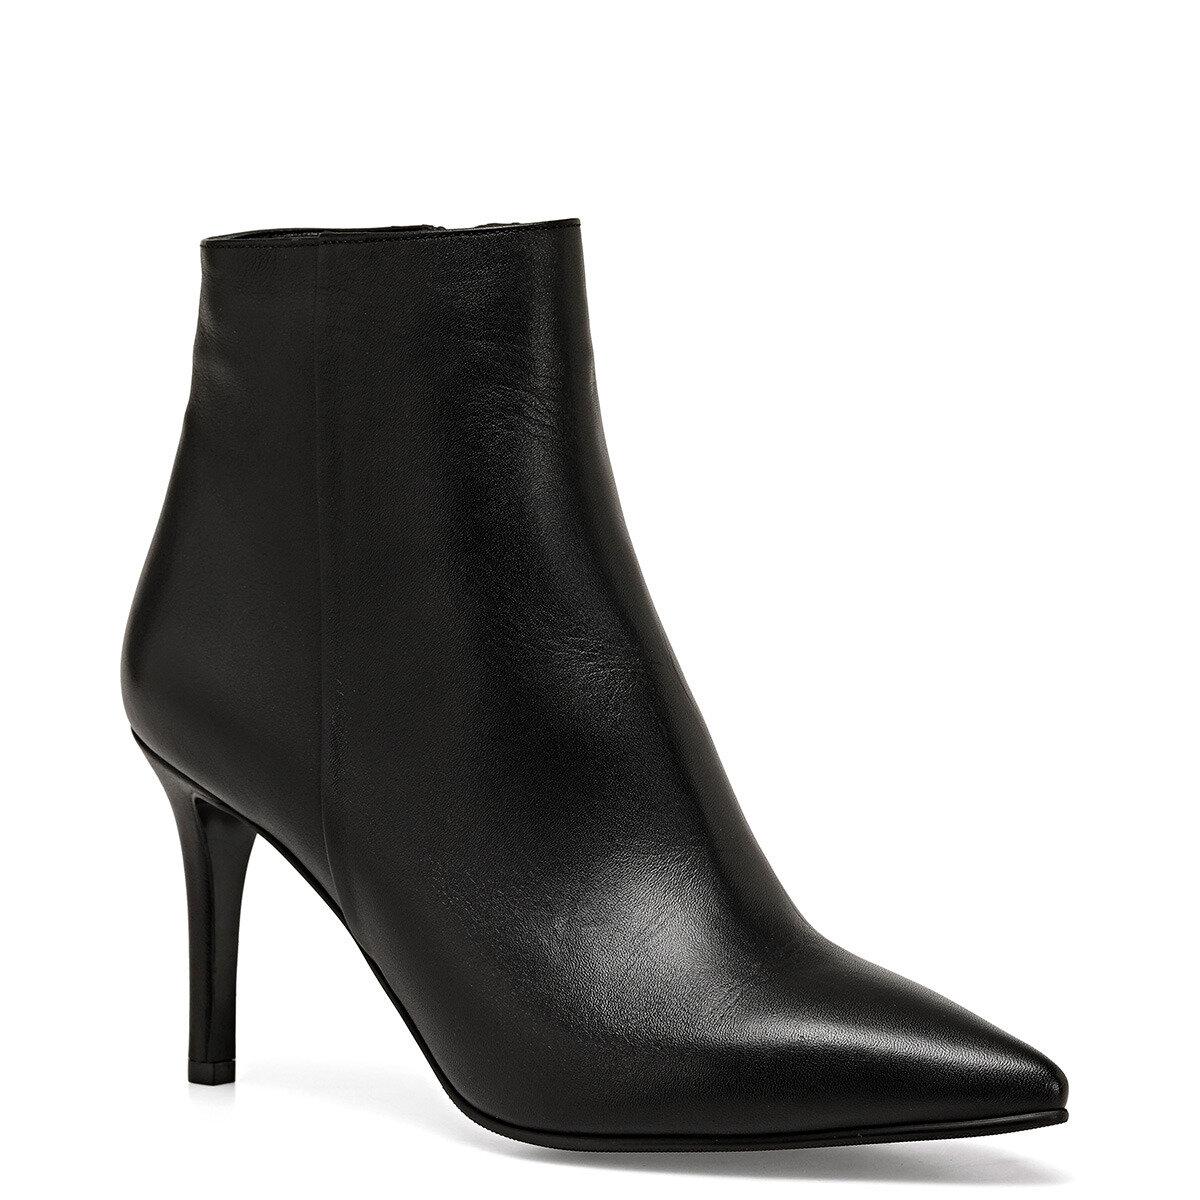 SHELLY Siyah Kadın Topuklu Ayakkabı